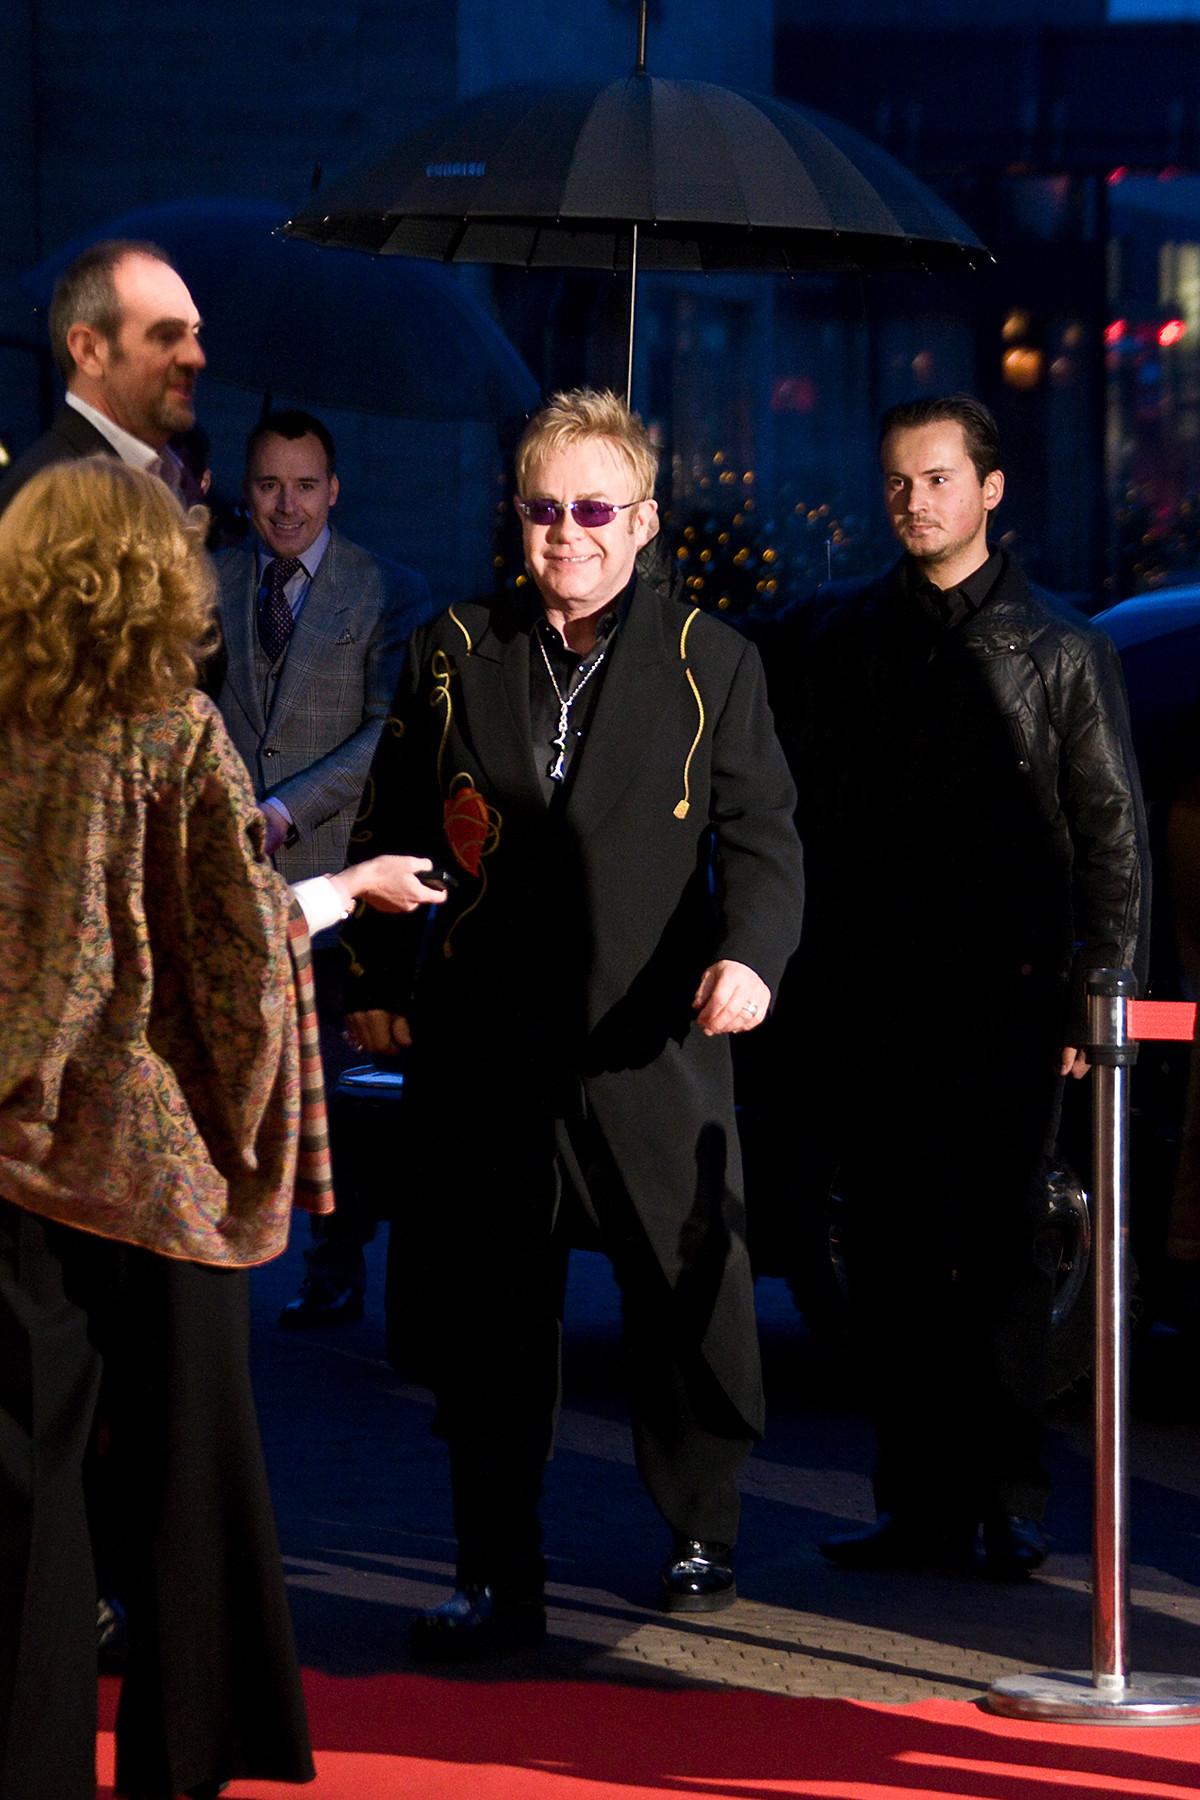 Британский певец Элтон Джон перед началом концерта в